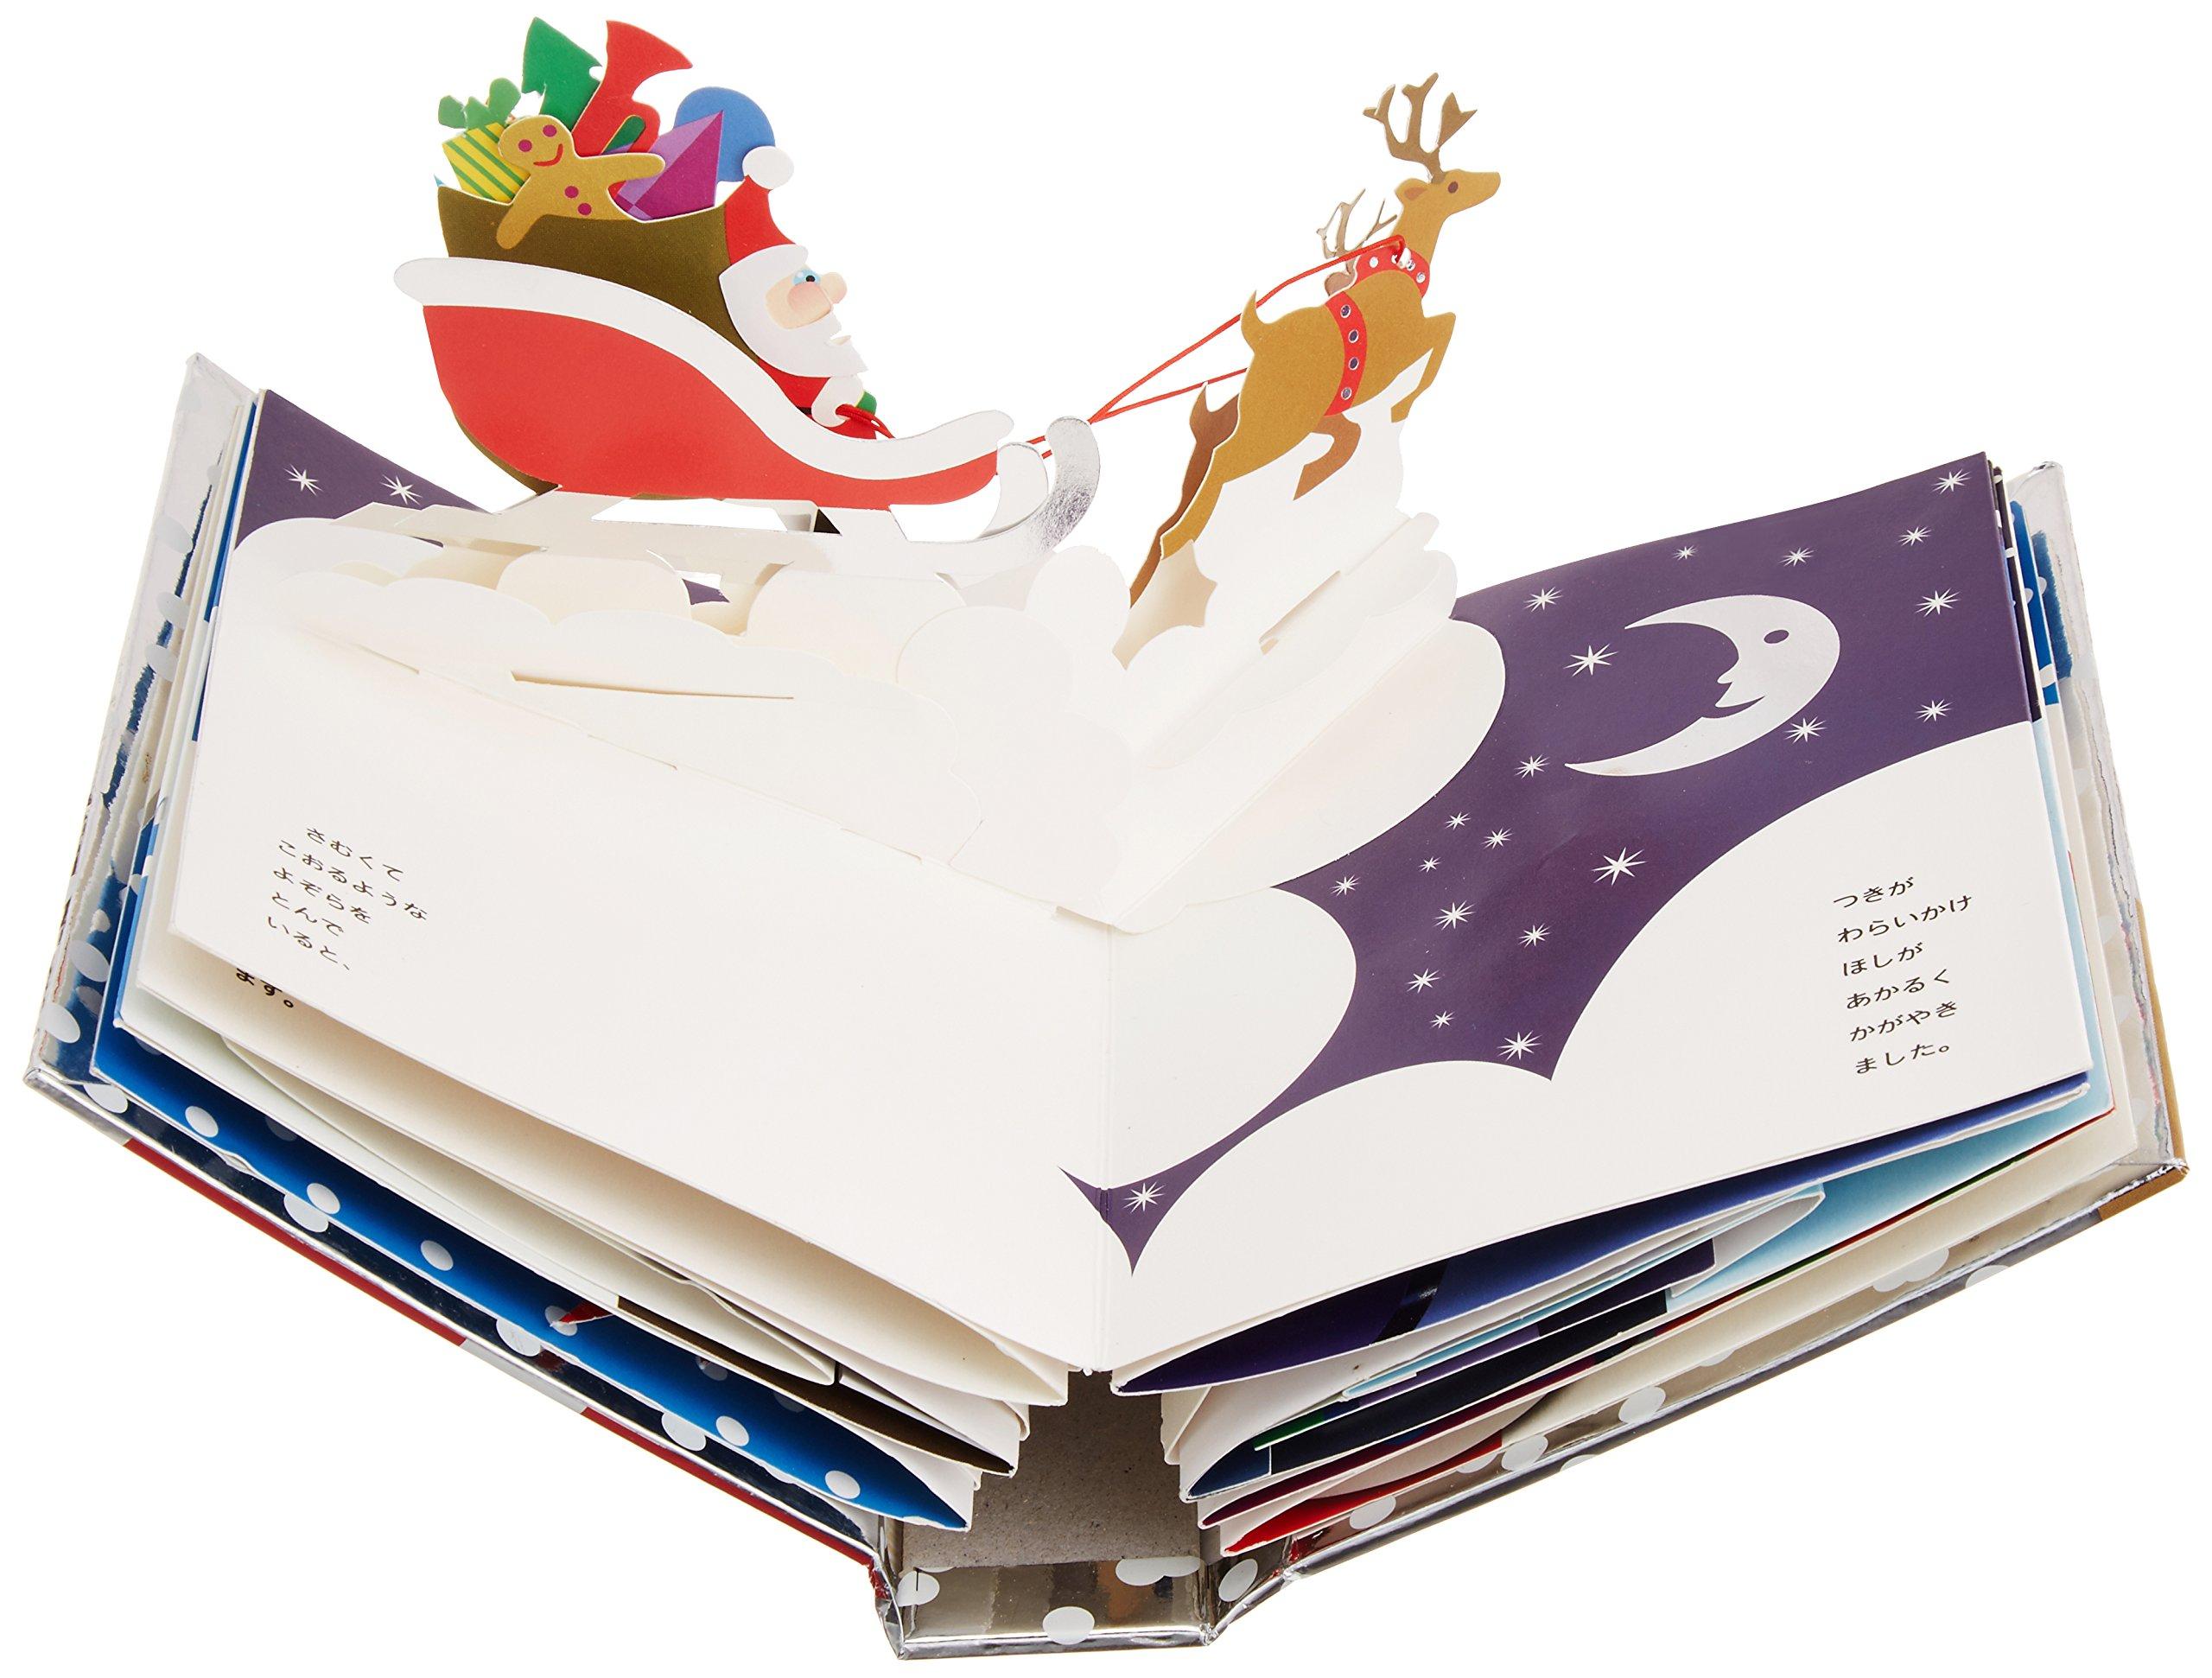 子供におすすめの仕掛け絵本サンタさんがやってきた